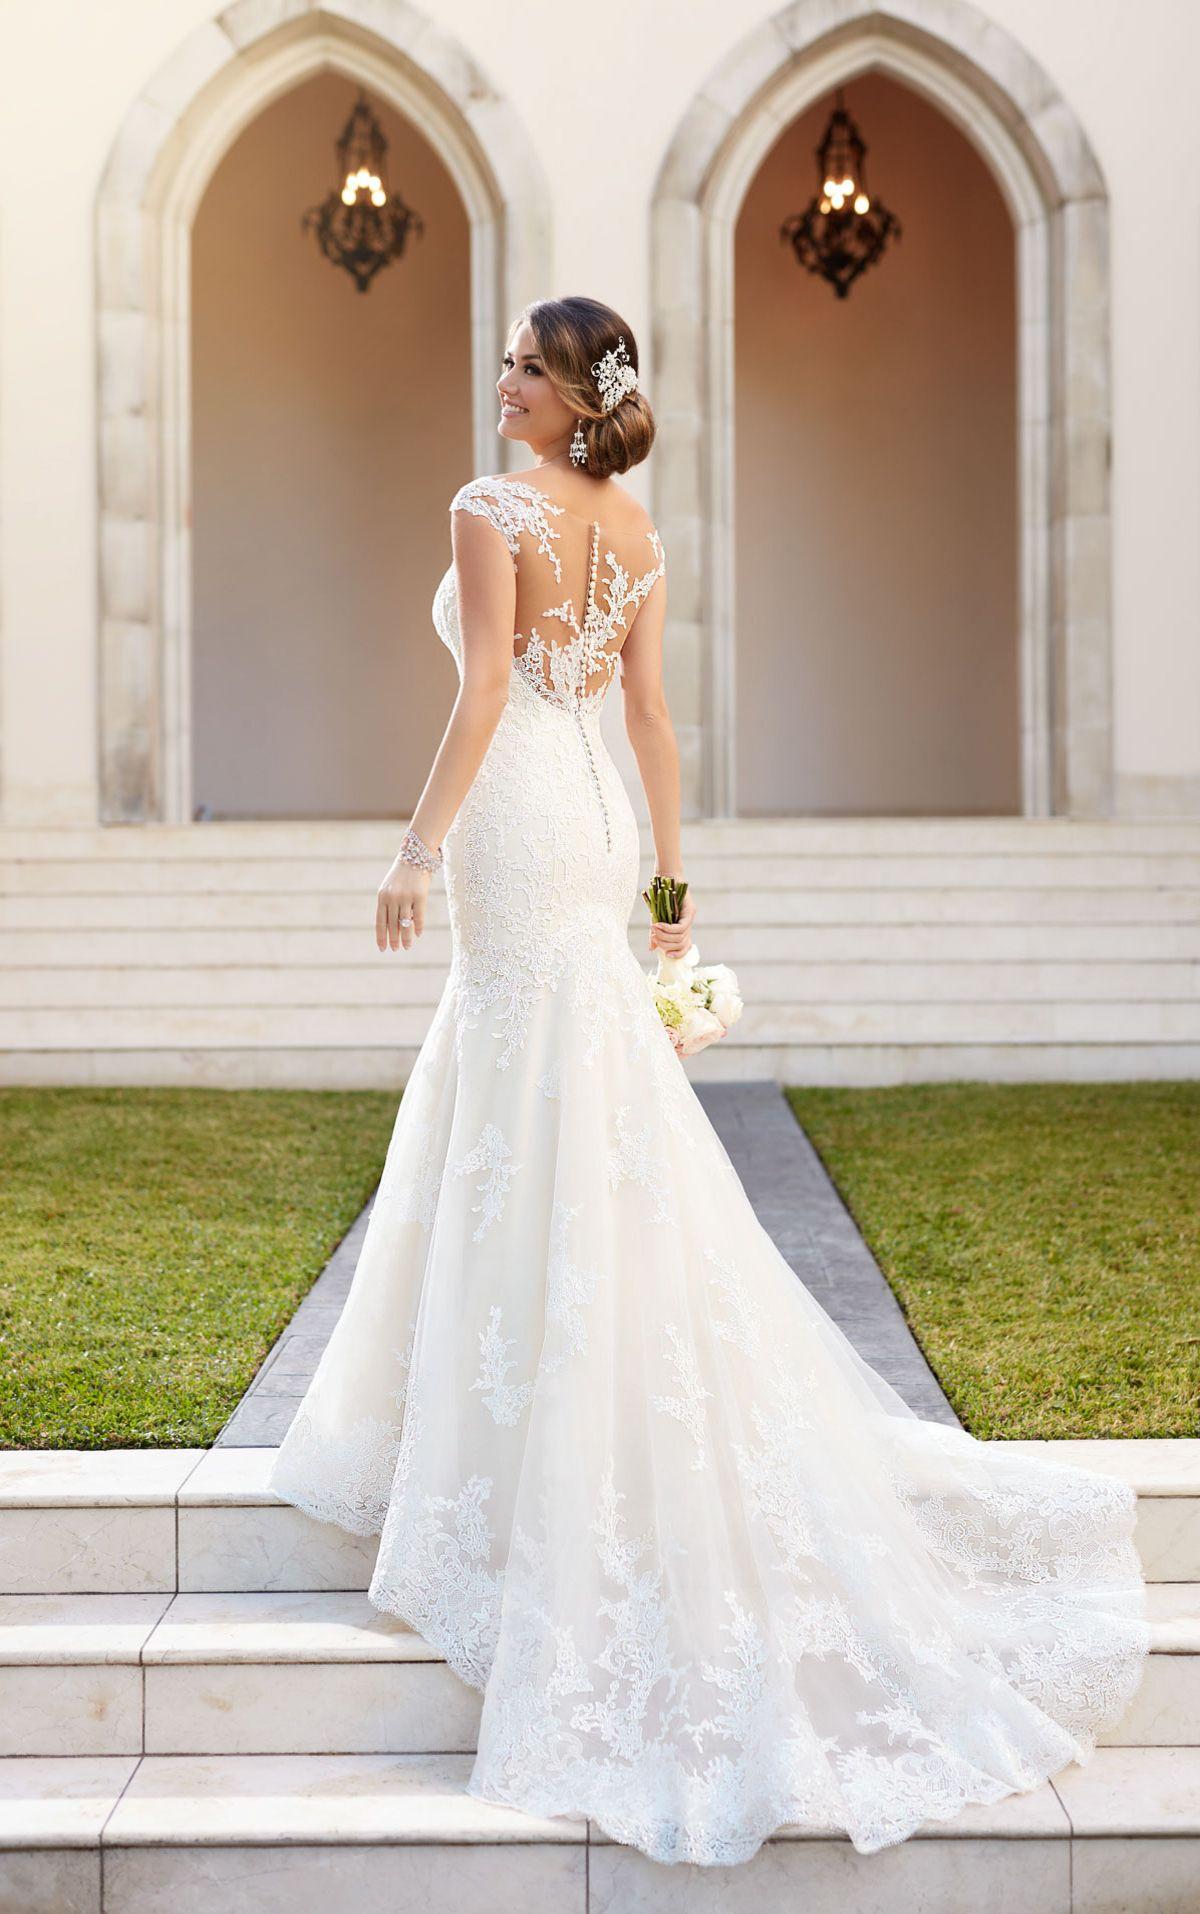 Vestiti Da Sposa Stella York.Tulle Over Organza Fit And Flare Wedding Dress Stella York